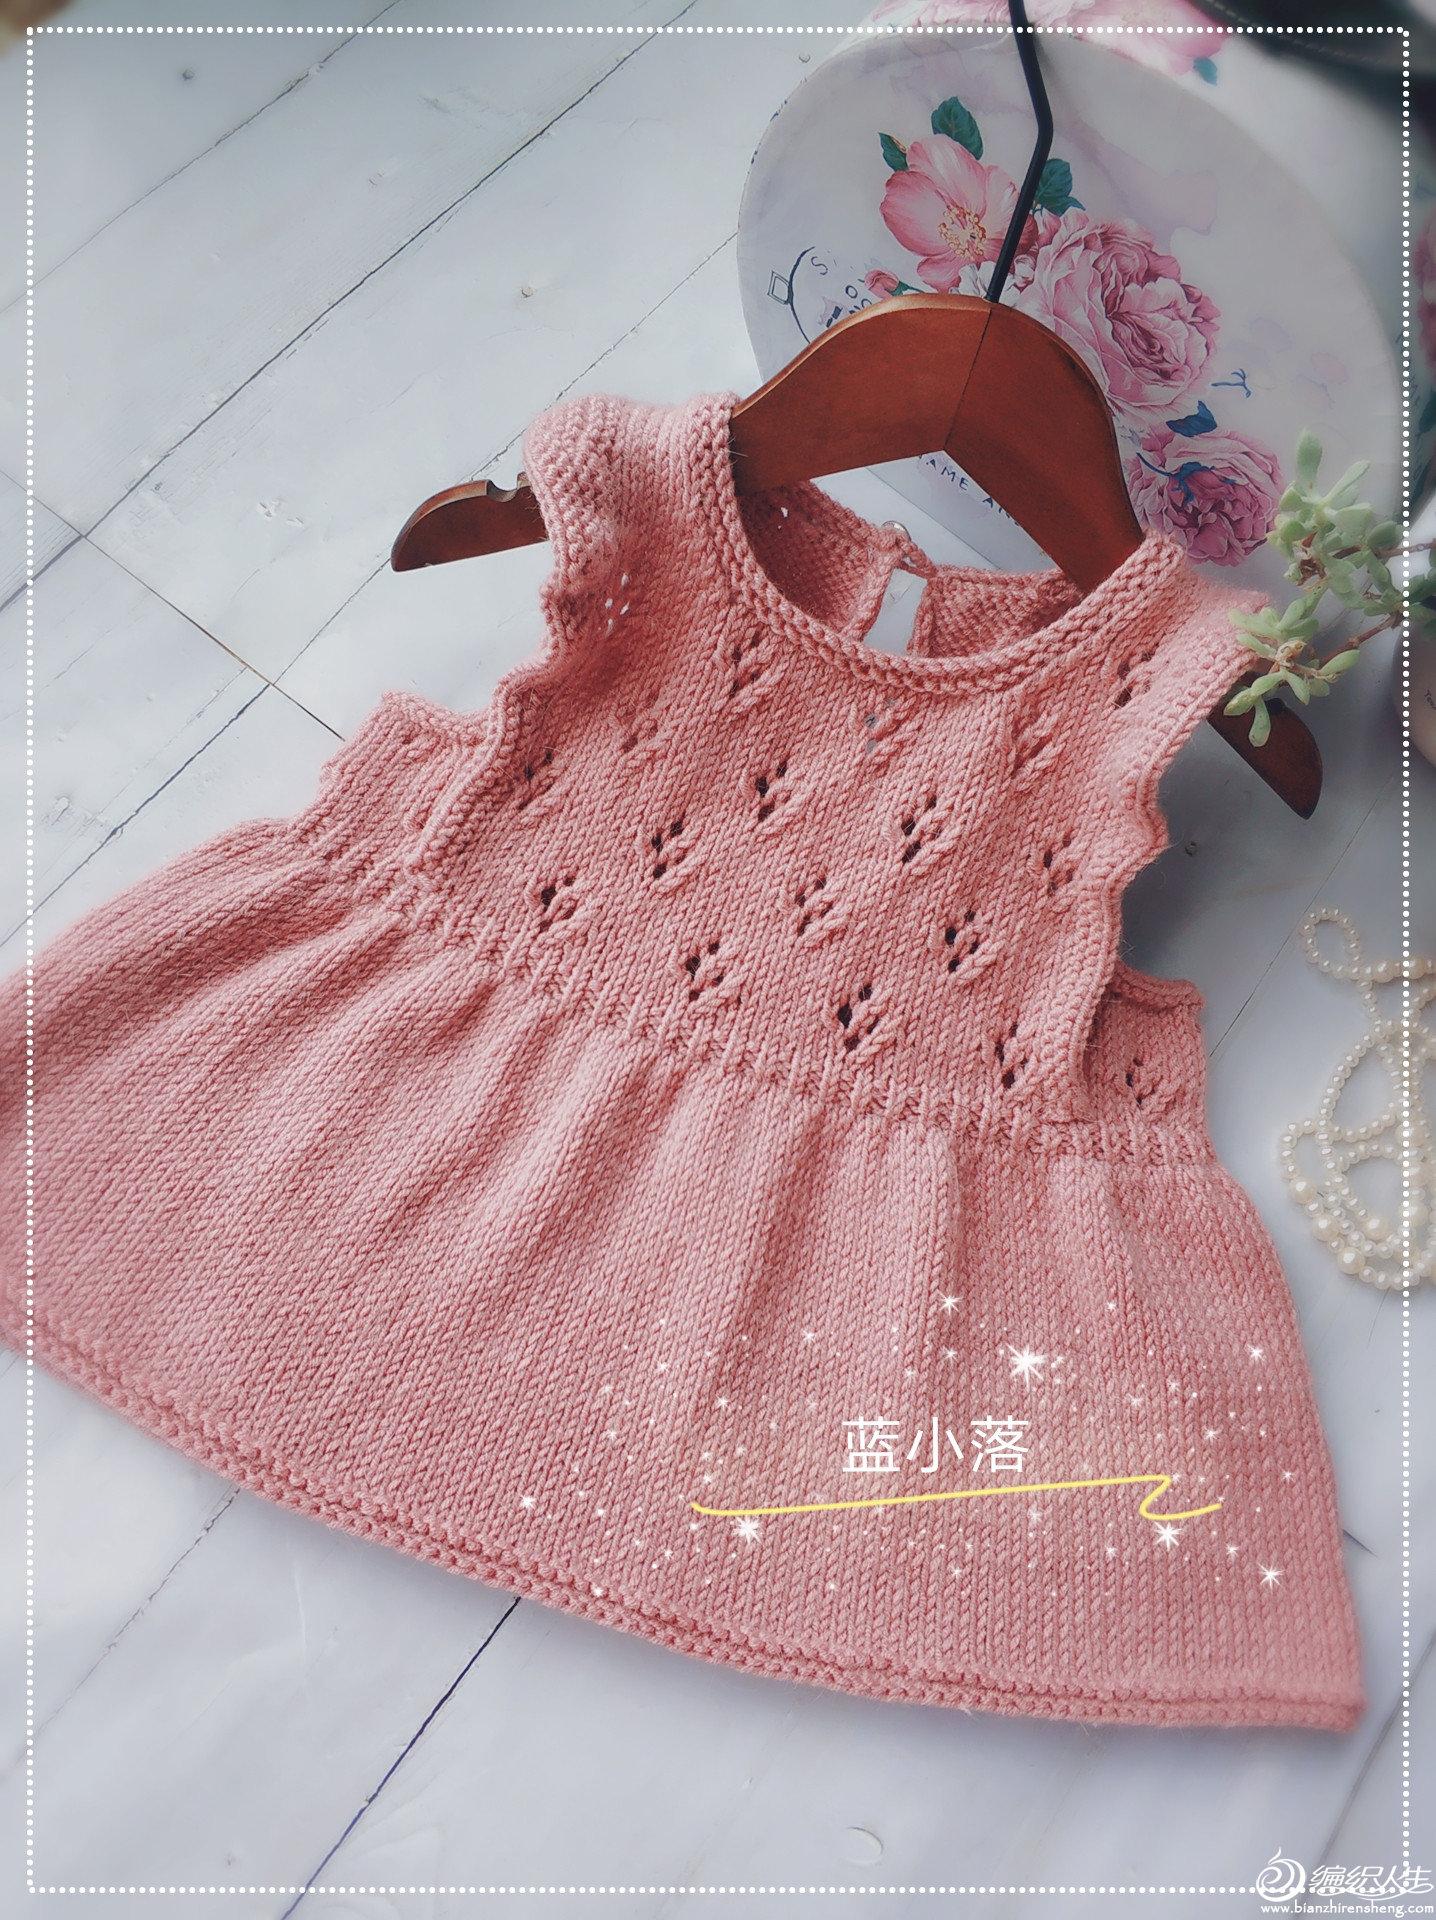 粗针织宝宝背心裙